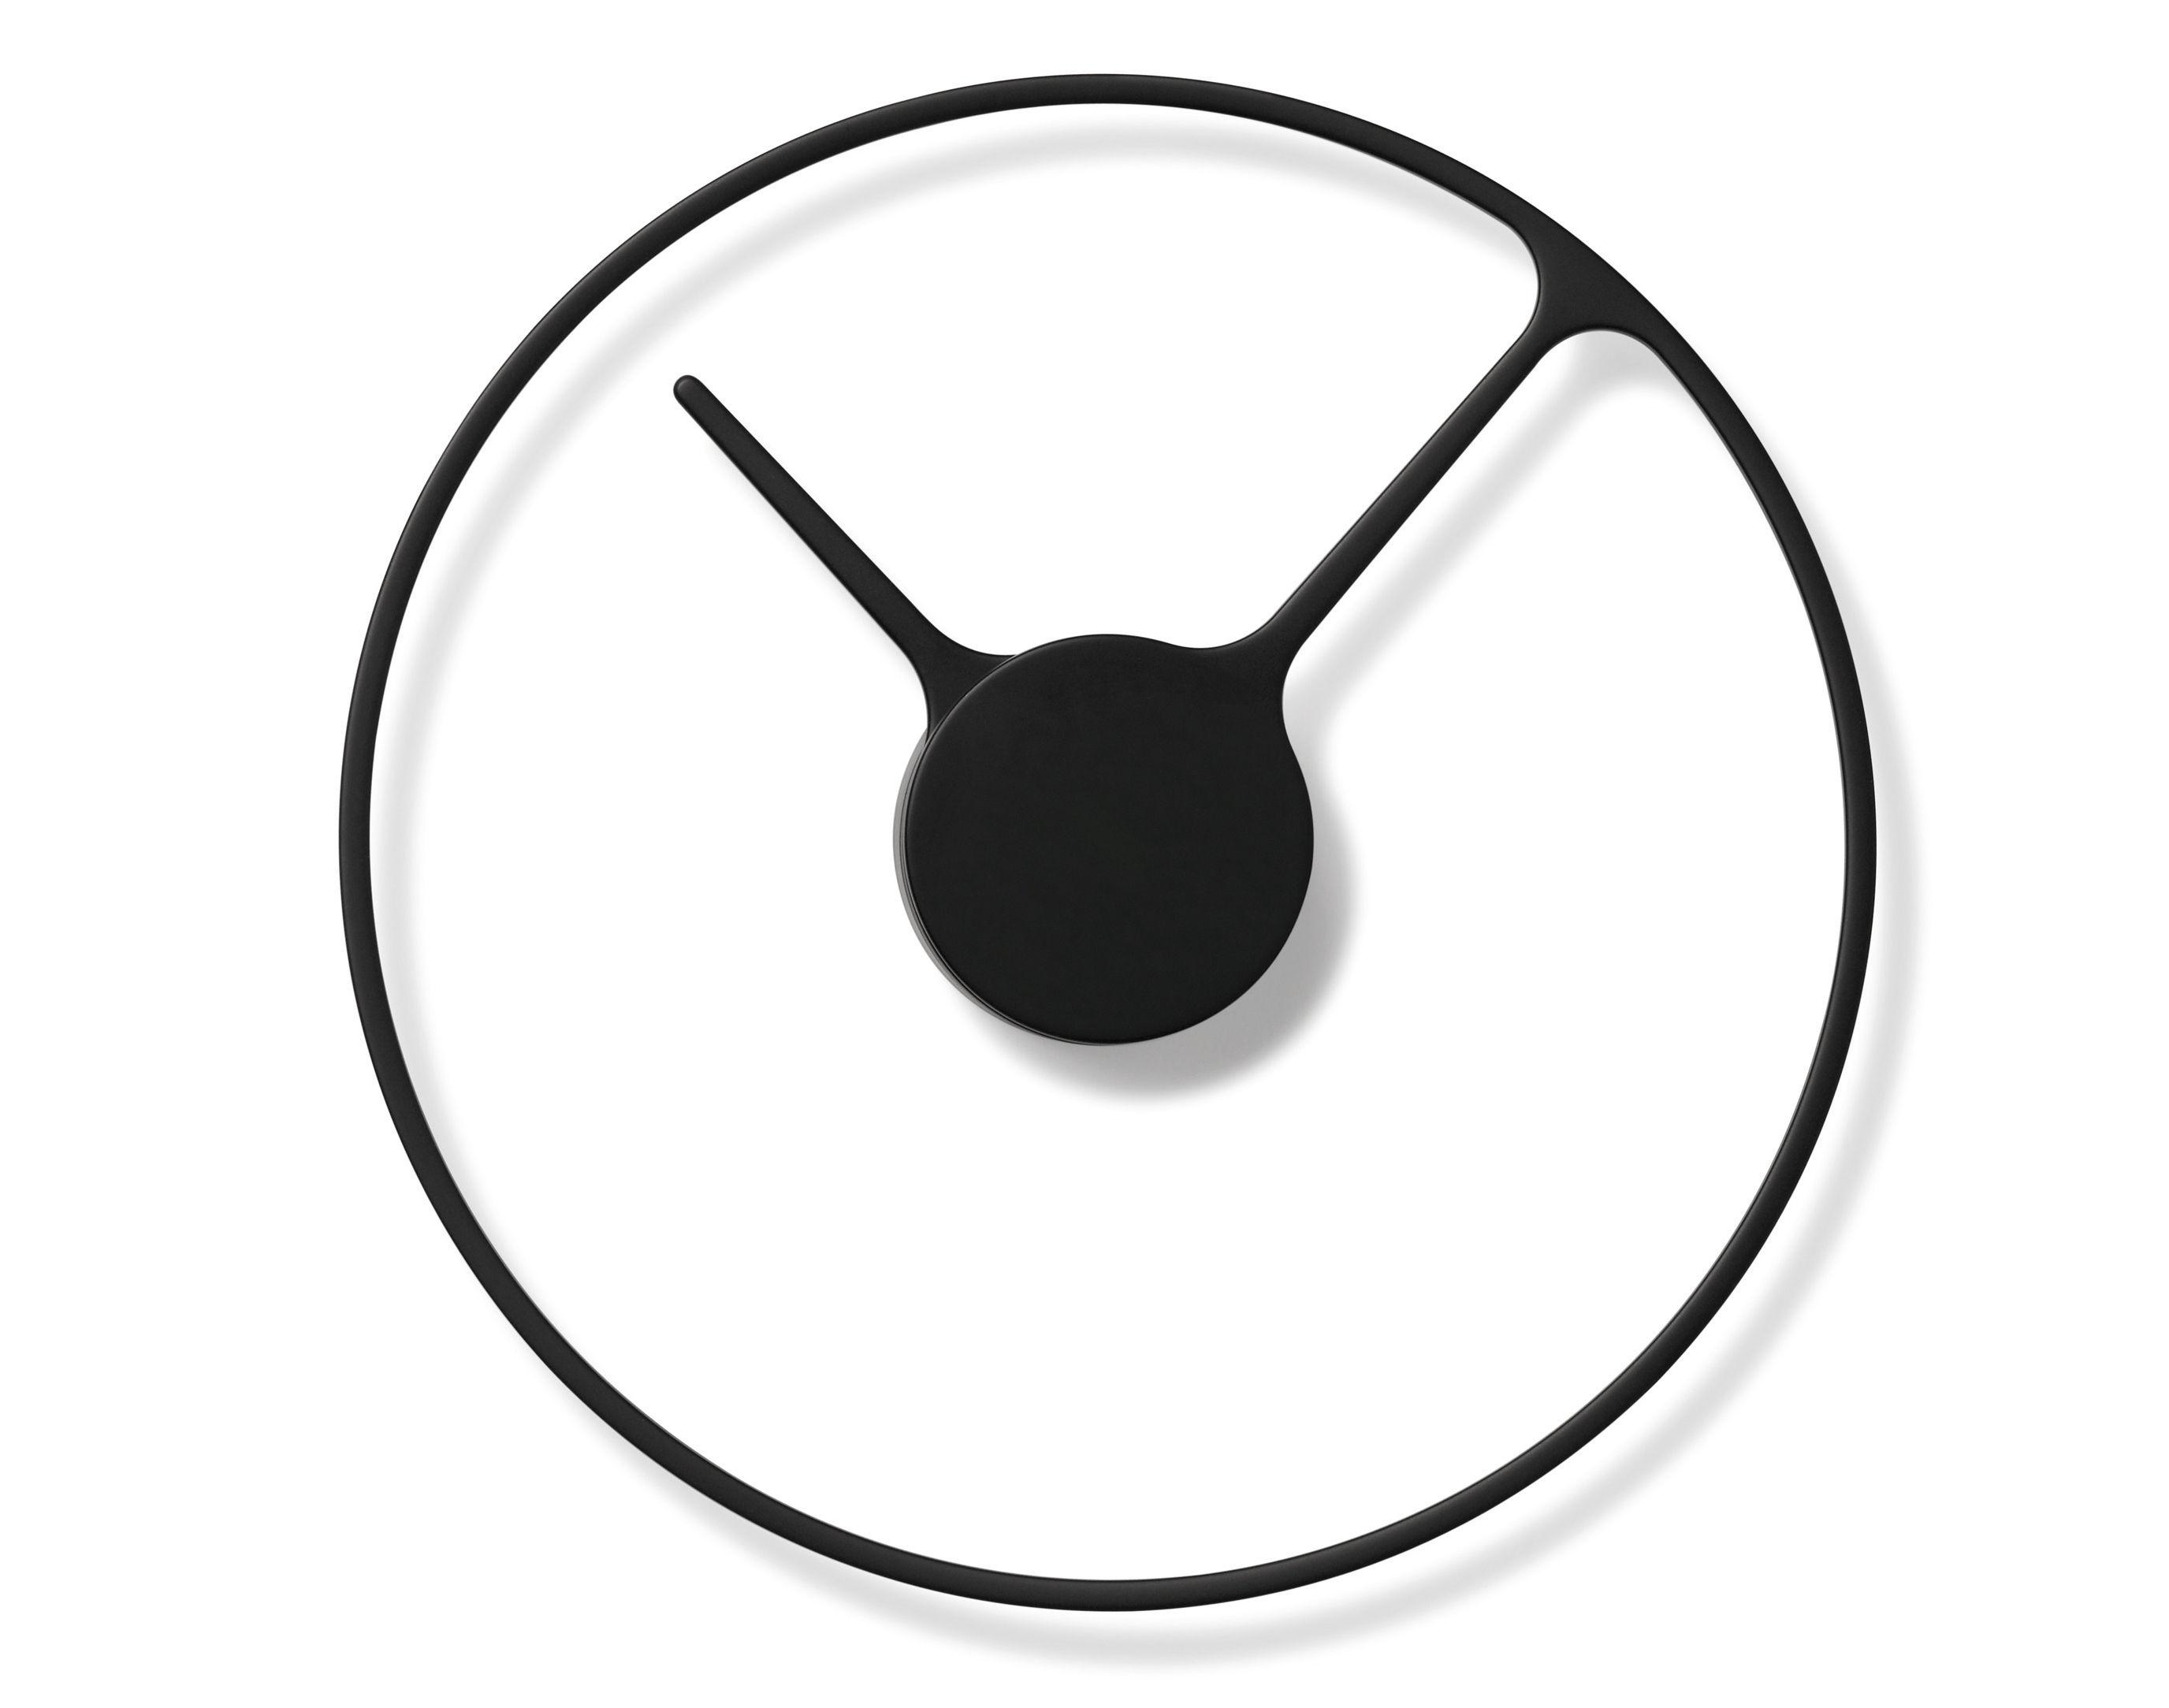 Horloge murale stelton time large 30 cm noir stelton - Horloge murale contemporaine ...